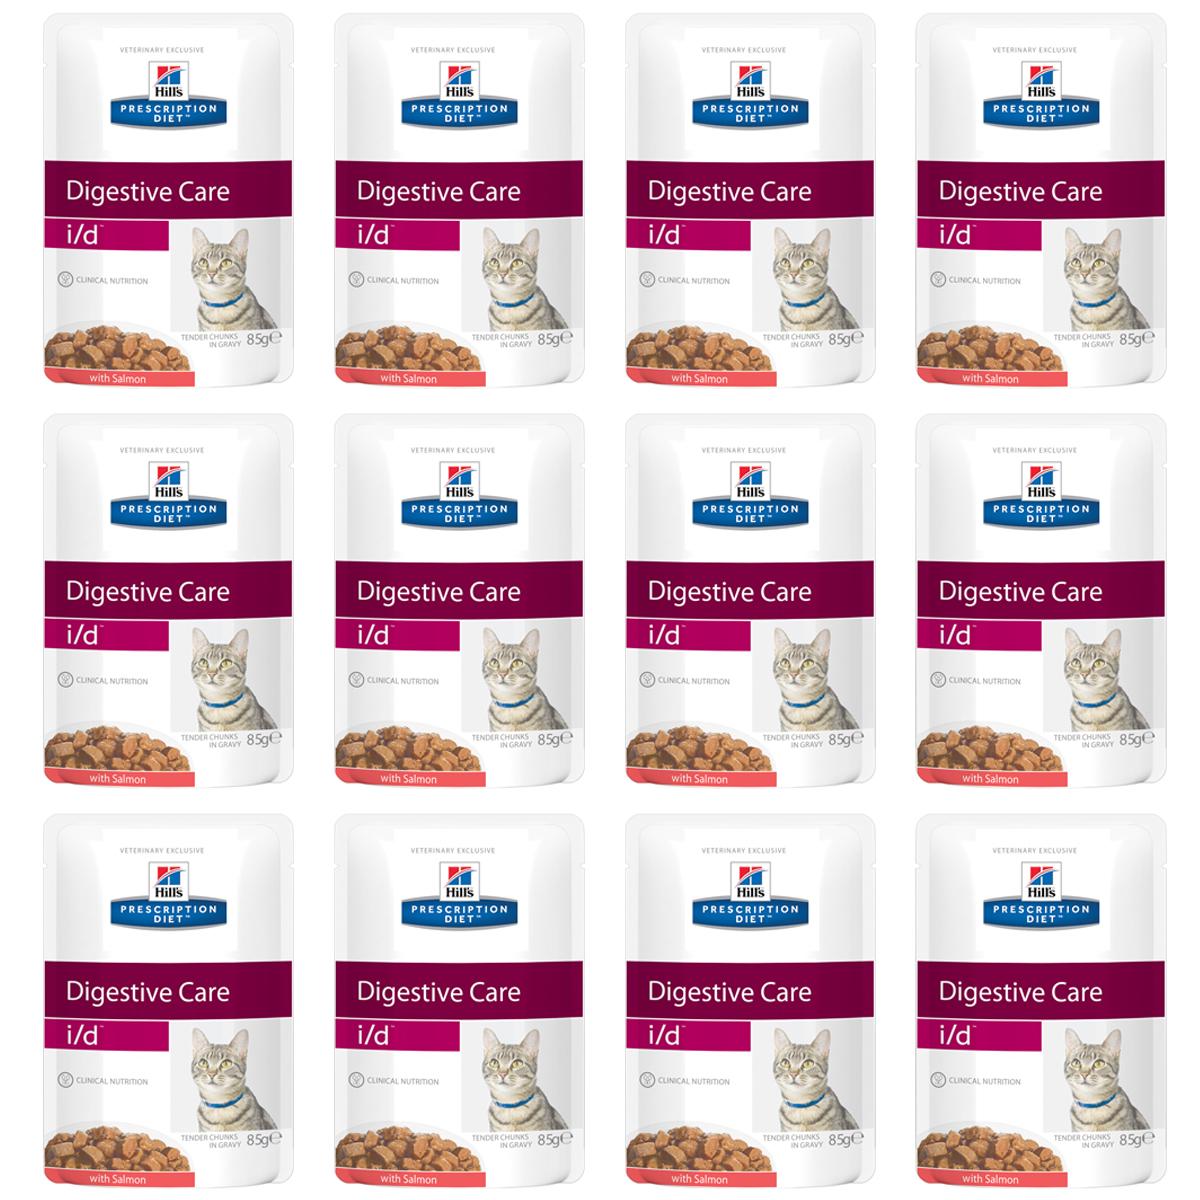 Консервы Hills Prescription Diet. I/D для кошек с заболеваниями ЖКТ, с лососем, 85 г, 12 шт0120710Консервы Hills Prescription Diet. I/D рекомендуются:- При заболеваниях желудочно-кишечного тракта: гастрите, энтерите, колите (наиболее распространенные причины диареи). - Для восстановления после хирургической операции на желудочно-кишечном тракте. - При недостаточности экзокринной функции поджелудочной железы. - При панкреатите без гиперлипидемии. - Для восстановления после легких хирургических процедур и состояний, незначительно ослабляющих организм. - Для котят в качестве повседневного питания. Обеспечивает полноценное сбалансированное питание котятам (в течение короткого периода) и взрослым кошкам. Не рекомендуется кошкам с задержкой натрия в организме.Ключевые преимущества: - Высокая перевариваемость продукта улучшает всасывание нутриентов и способствует восстановлению желудочно-кишечного тракта. - Содержание жиров снижено, что помогает уменьшить стеаторею (маслянистый стул). - Повышенное содержание растворимой клетчатки обеспечивает поступление короткоцепочных жирных кислот, которые питают энтероциты и восстанавливают кишечную микрофлору. - Повышено содержание электролитов, витаминов группы B, что восполняет потерю этих нутриентов при рвоте и диарее. - Добавлена антиоксидантная формула, которая нейтрализует действие свободных радикалов, участвующих в развитии гастроэнтерита. Ингредиенты: печень курицы, свинина, курица, лосось (4%), крахмал из тапиоки, пшеничная мука, концентрированный растительный протеин, кукурузный крахмал, глюкоза, минералы, сухое цельное яйцо, белковая пудра, целлюлоза, подсолнечное масло, витамины и микроэлементы. Окрашено карамелью. Среднее содержание нутриентов в рационе: протеин 8,3%, жиры 4,4%, углеводы (БЭВ) 6,4%, клетчатка (общая) 0,6%, влага 78,6%, кальций 0,23%, фосфор 0,18%, натрий 0,09%, калий 0,24%, магний 0,02%, Омега-3 жирные кислоты 0,12%, Омега-6 жирные кислоты 0,77%, таурин 613 мг/кг, Витамин A 16 900 МЕ/кг, Витамин D 260 МЕ/